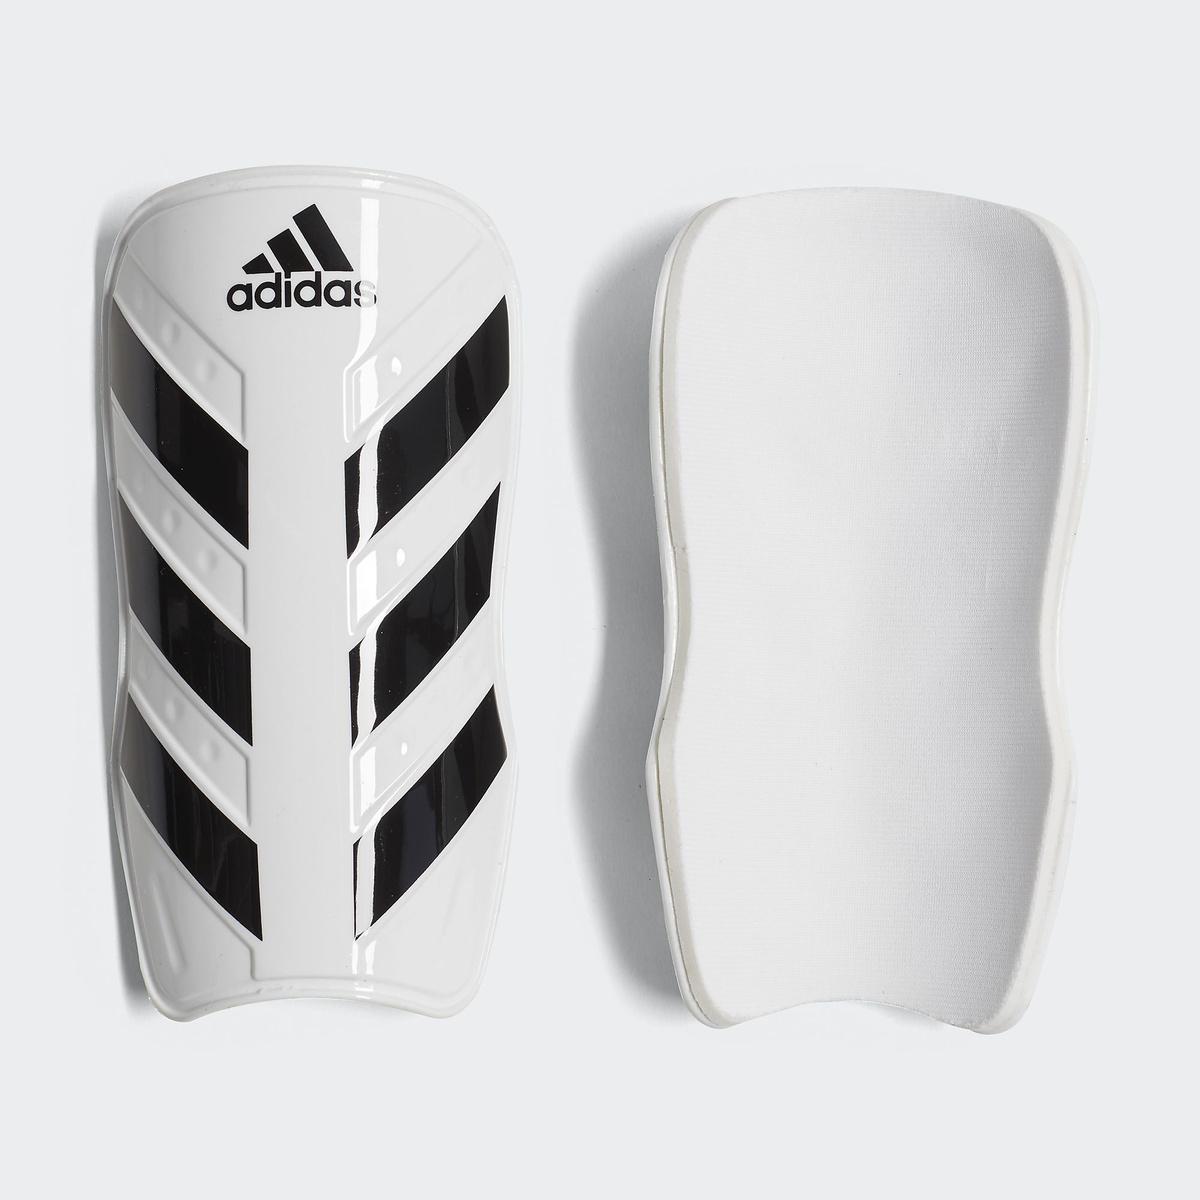 アディダス サッカー シンガード エバー 低価格化 開店祝い レスト adidas EUB10 メンズ ホワイト ブラック CW5561